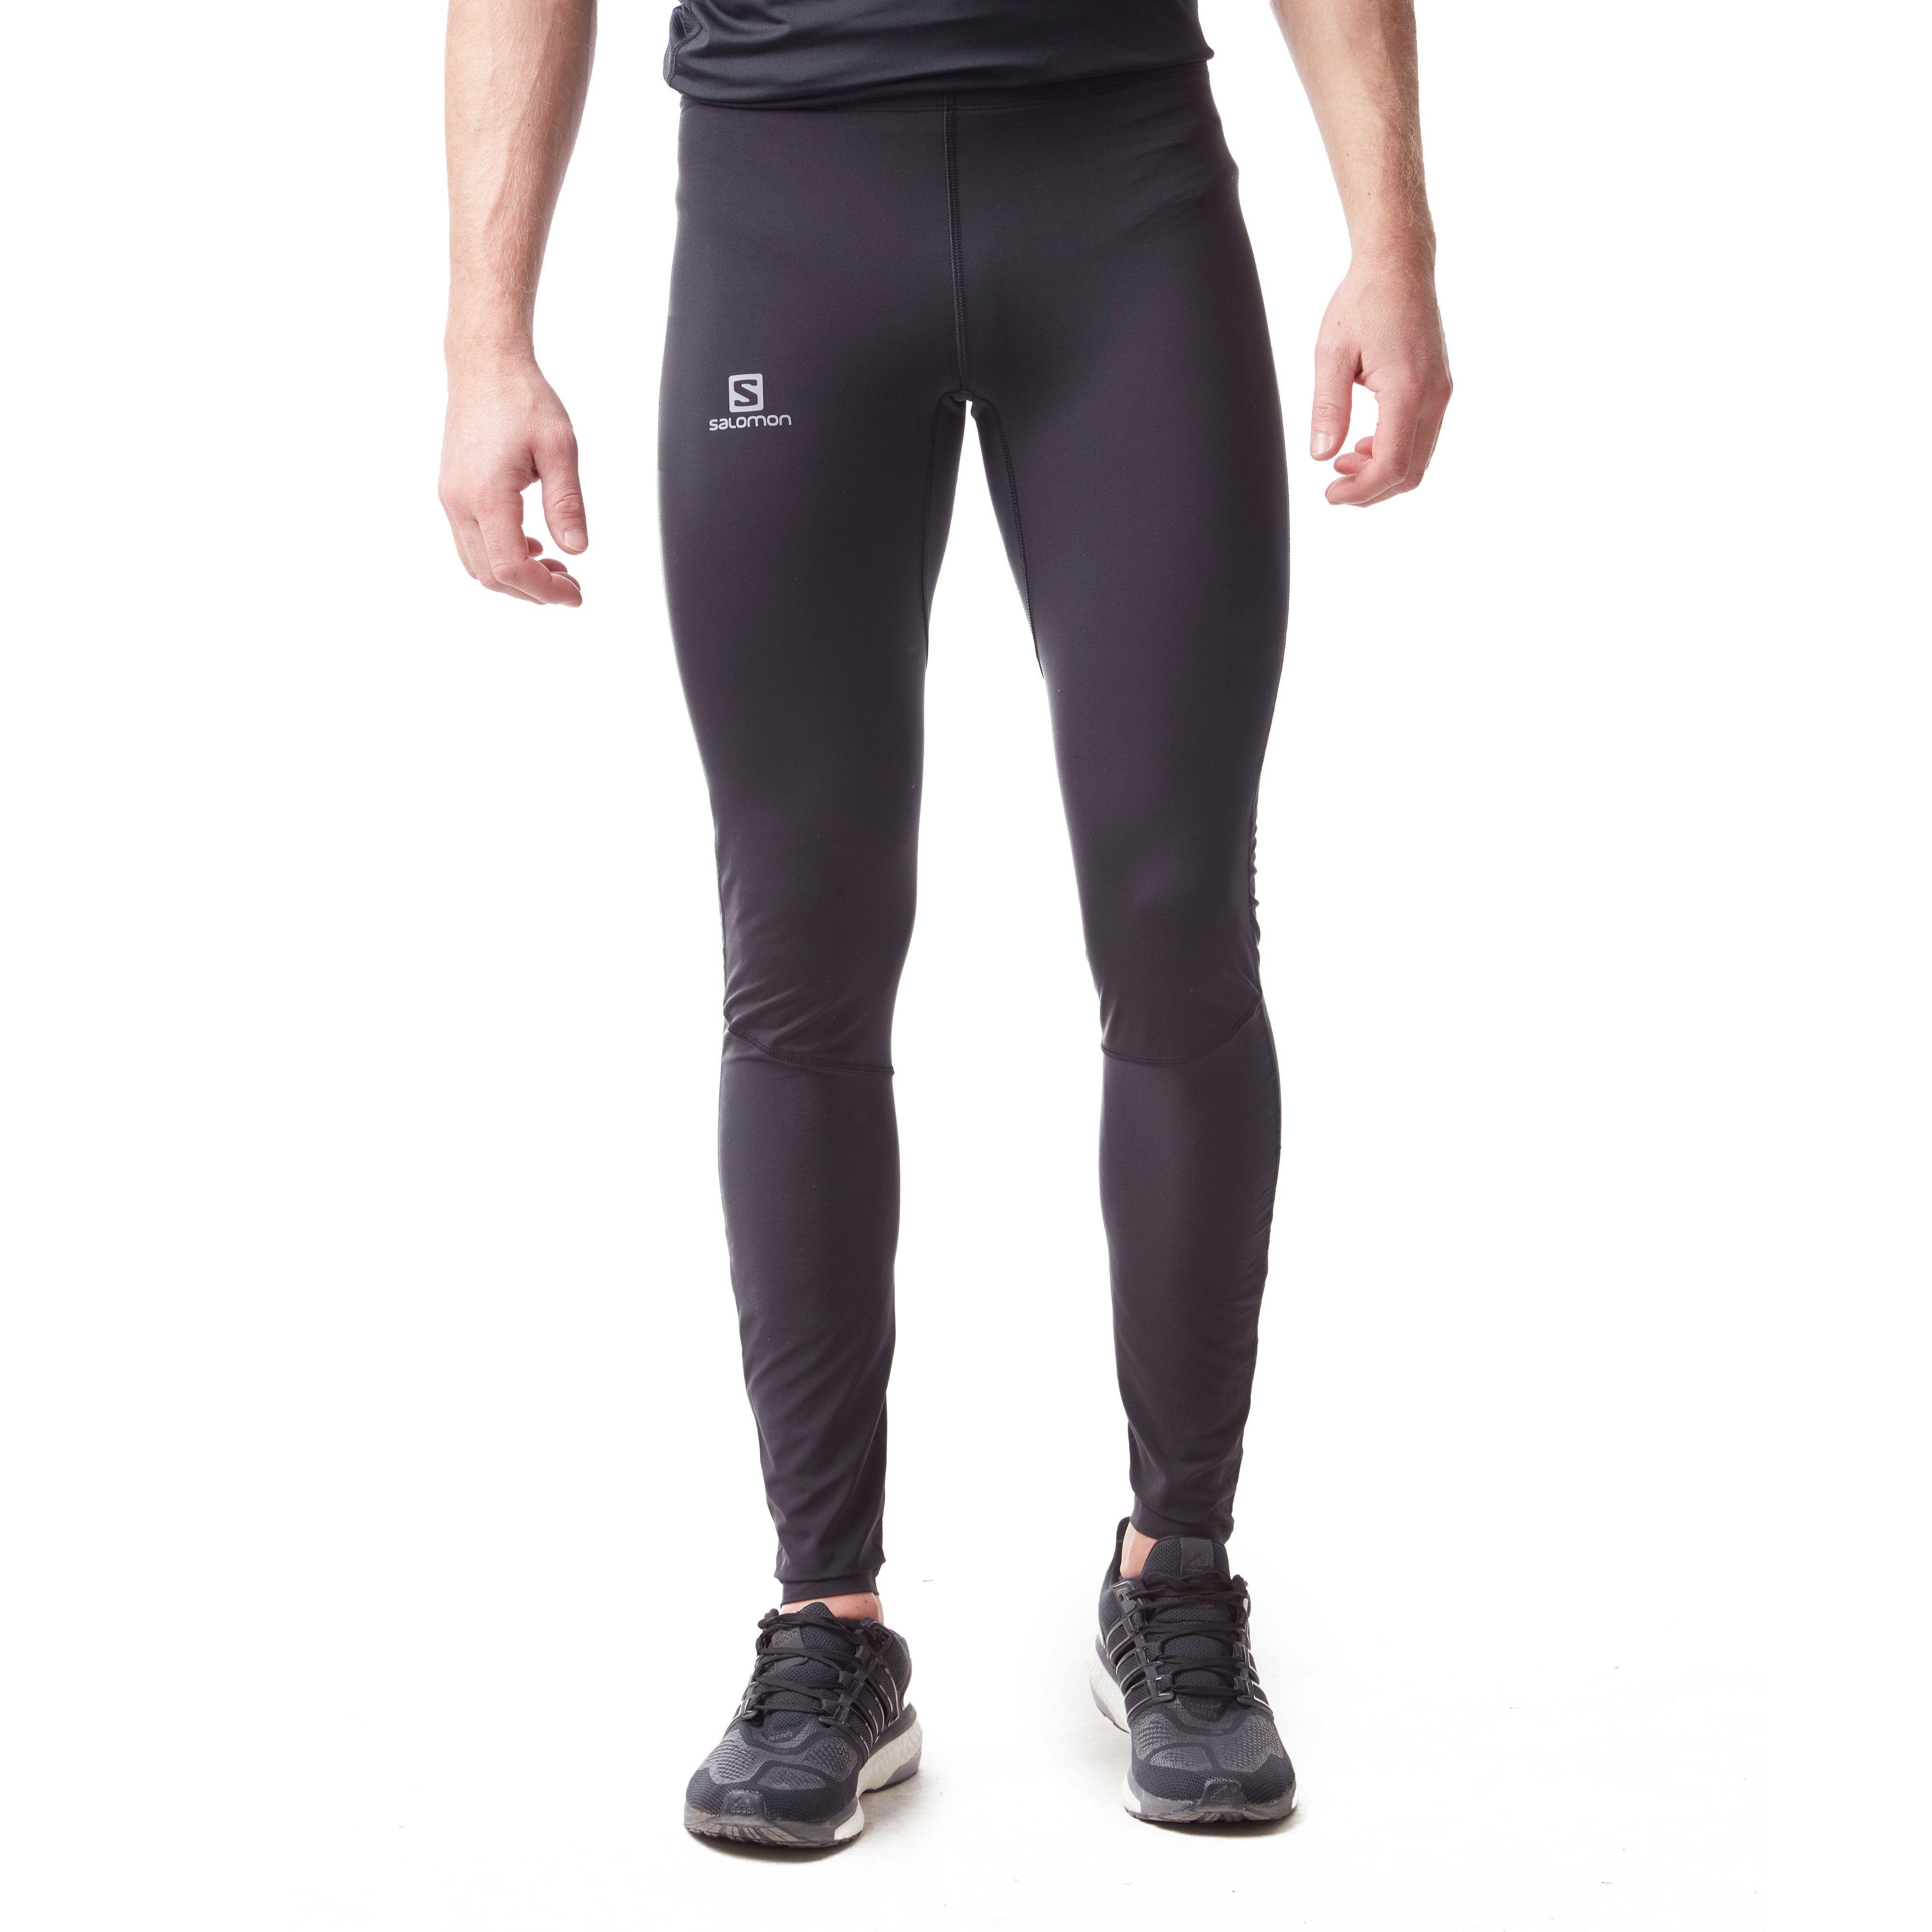 Salomon Agile Warm Men's Running Tights